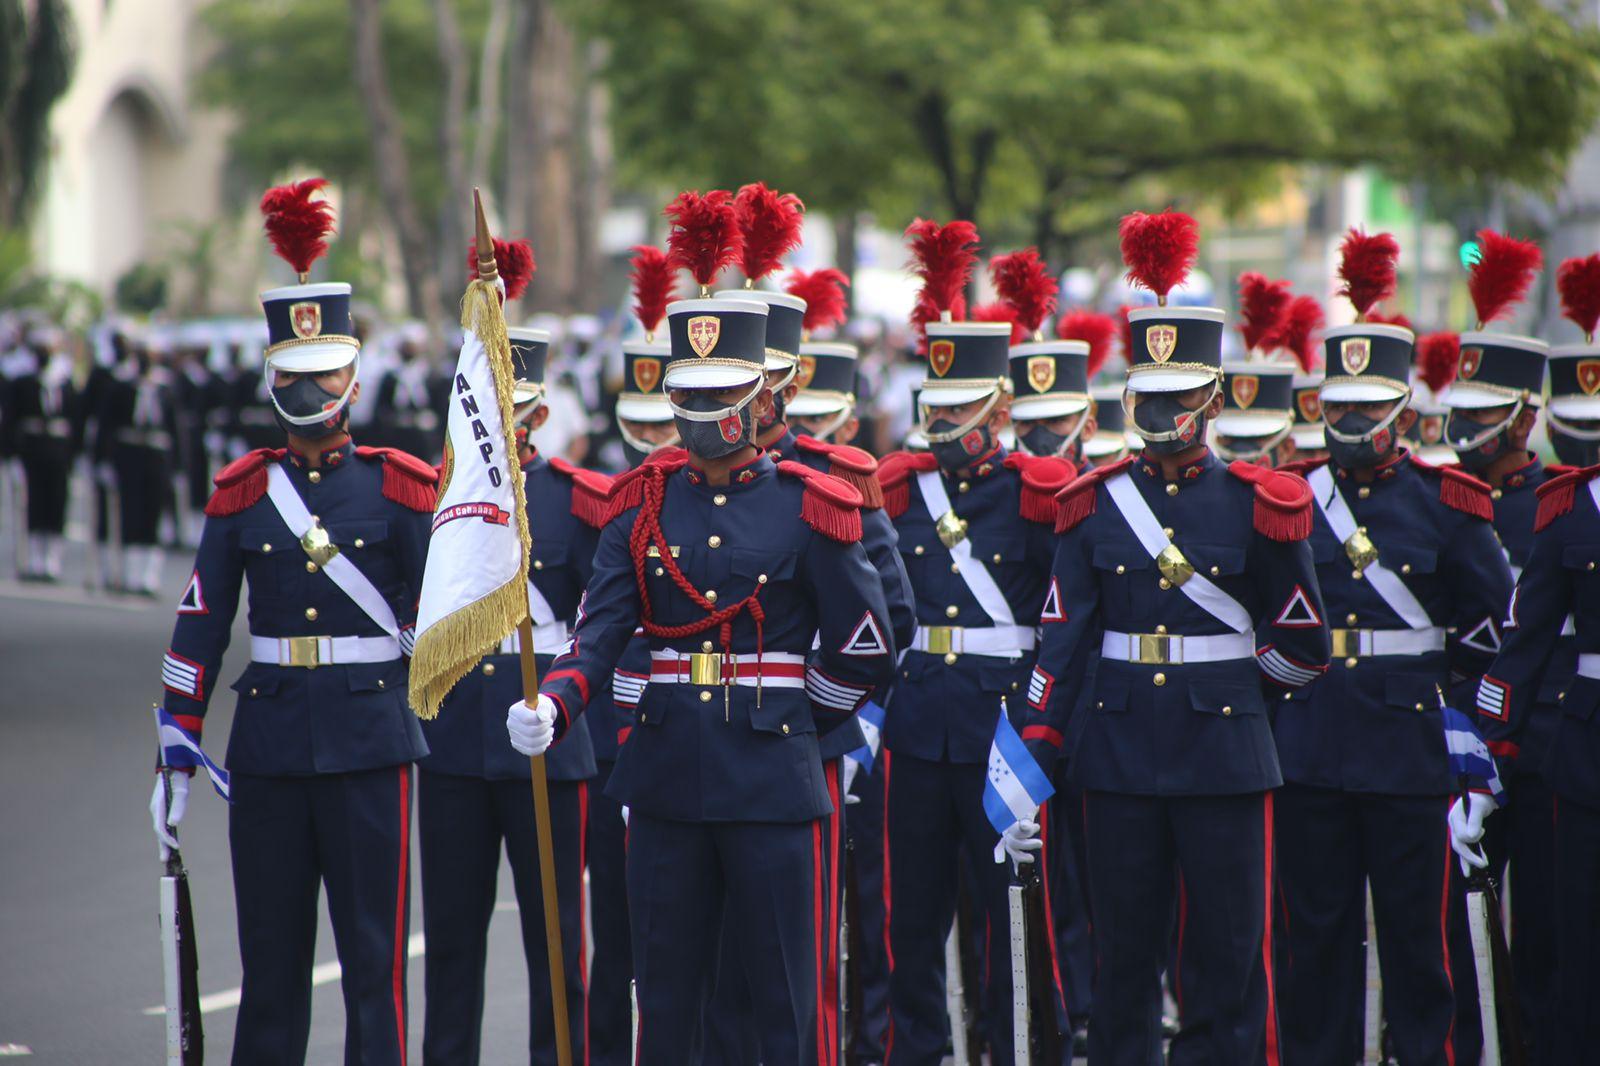 El 15 de septiembre se conmemoran 200 años de independencia en Honduras. Foto Carlos Hernández.